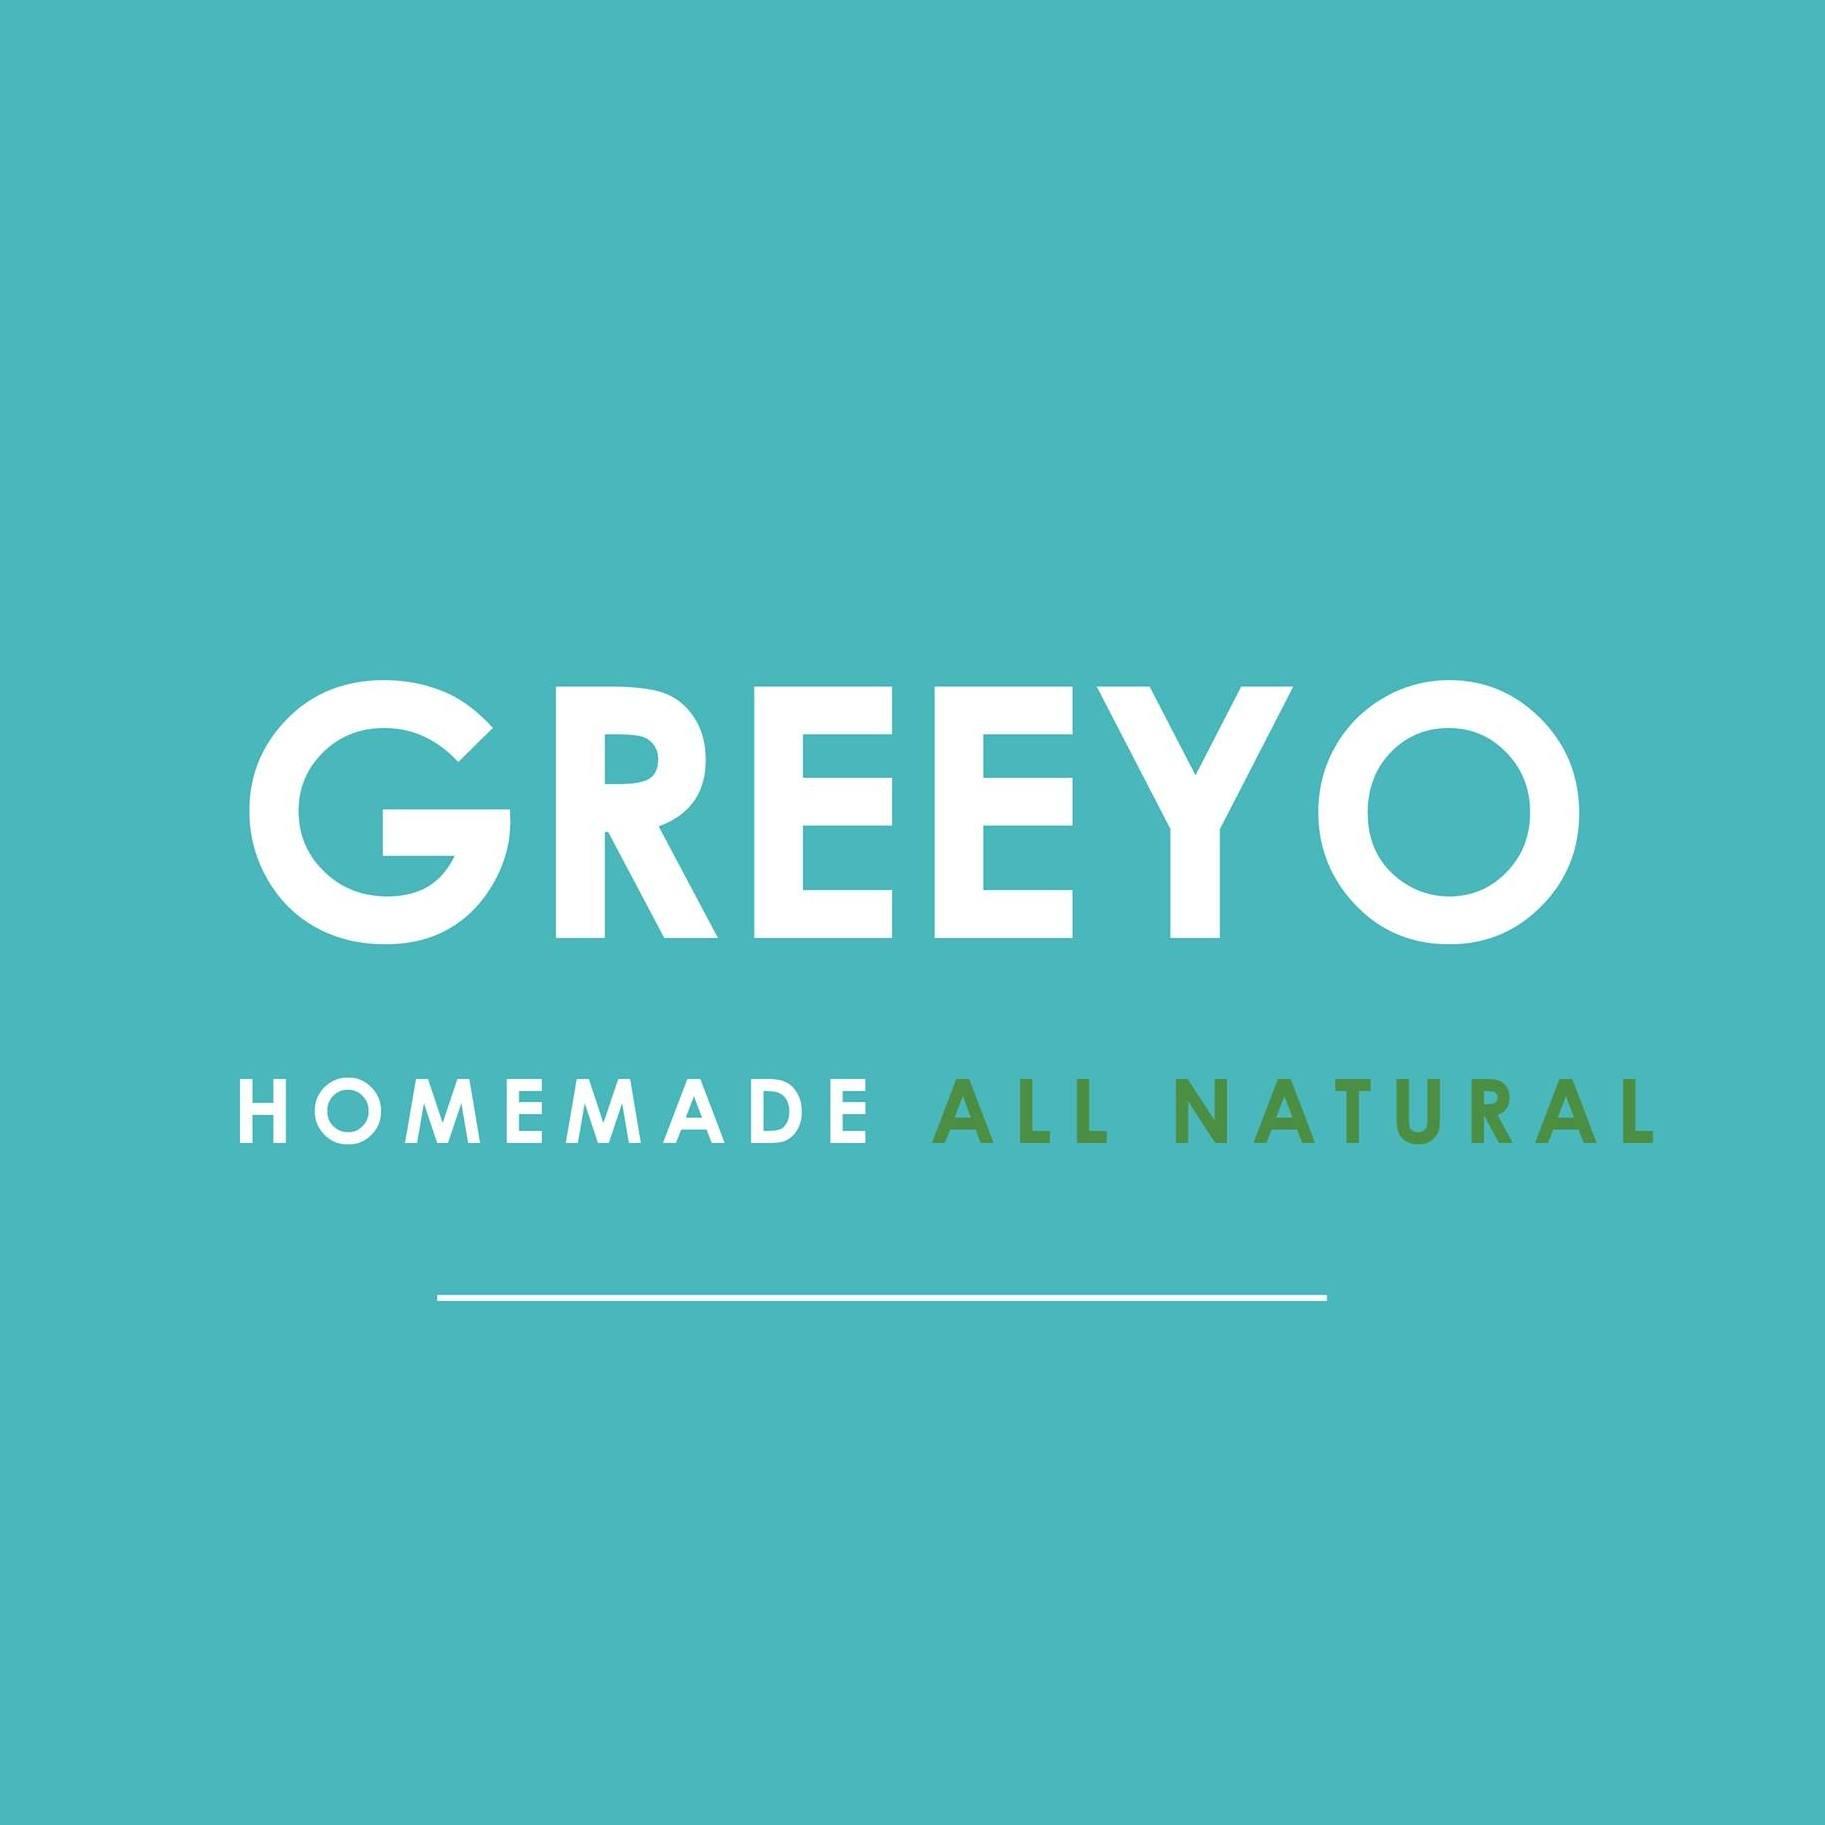 Greeyo